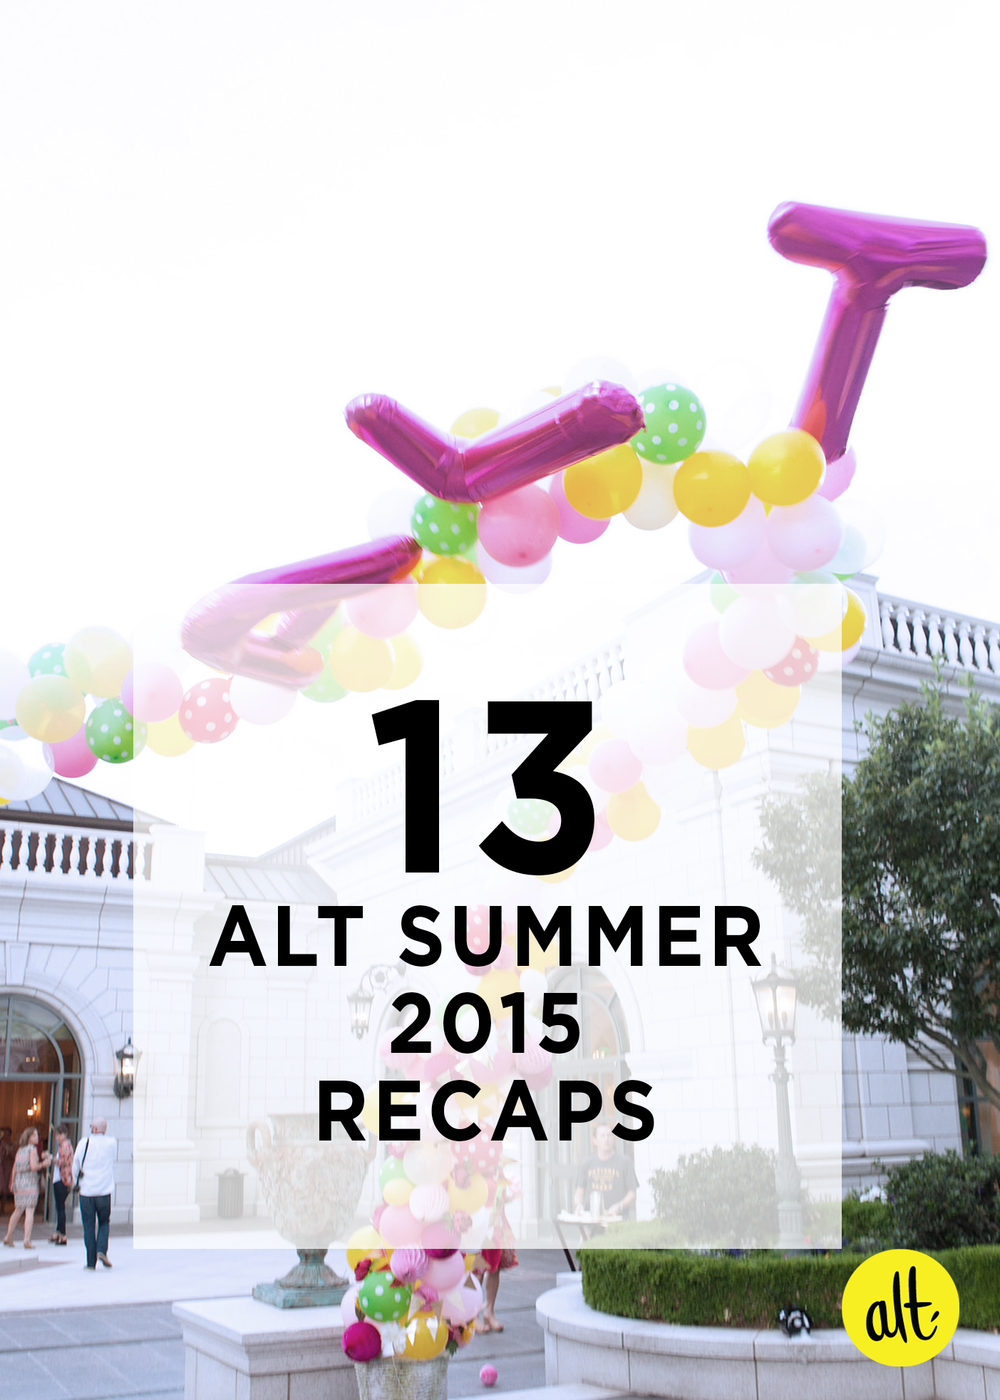 Thirteen-Alt-Summer-2015-Recaps